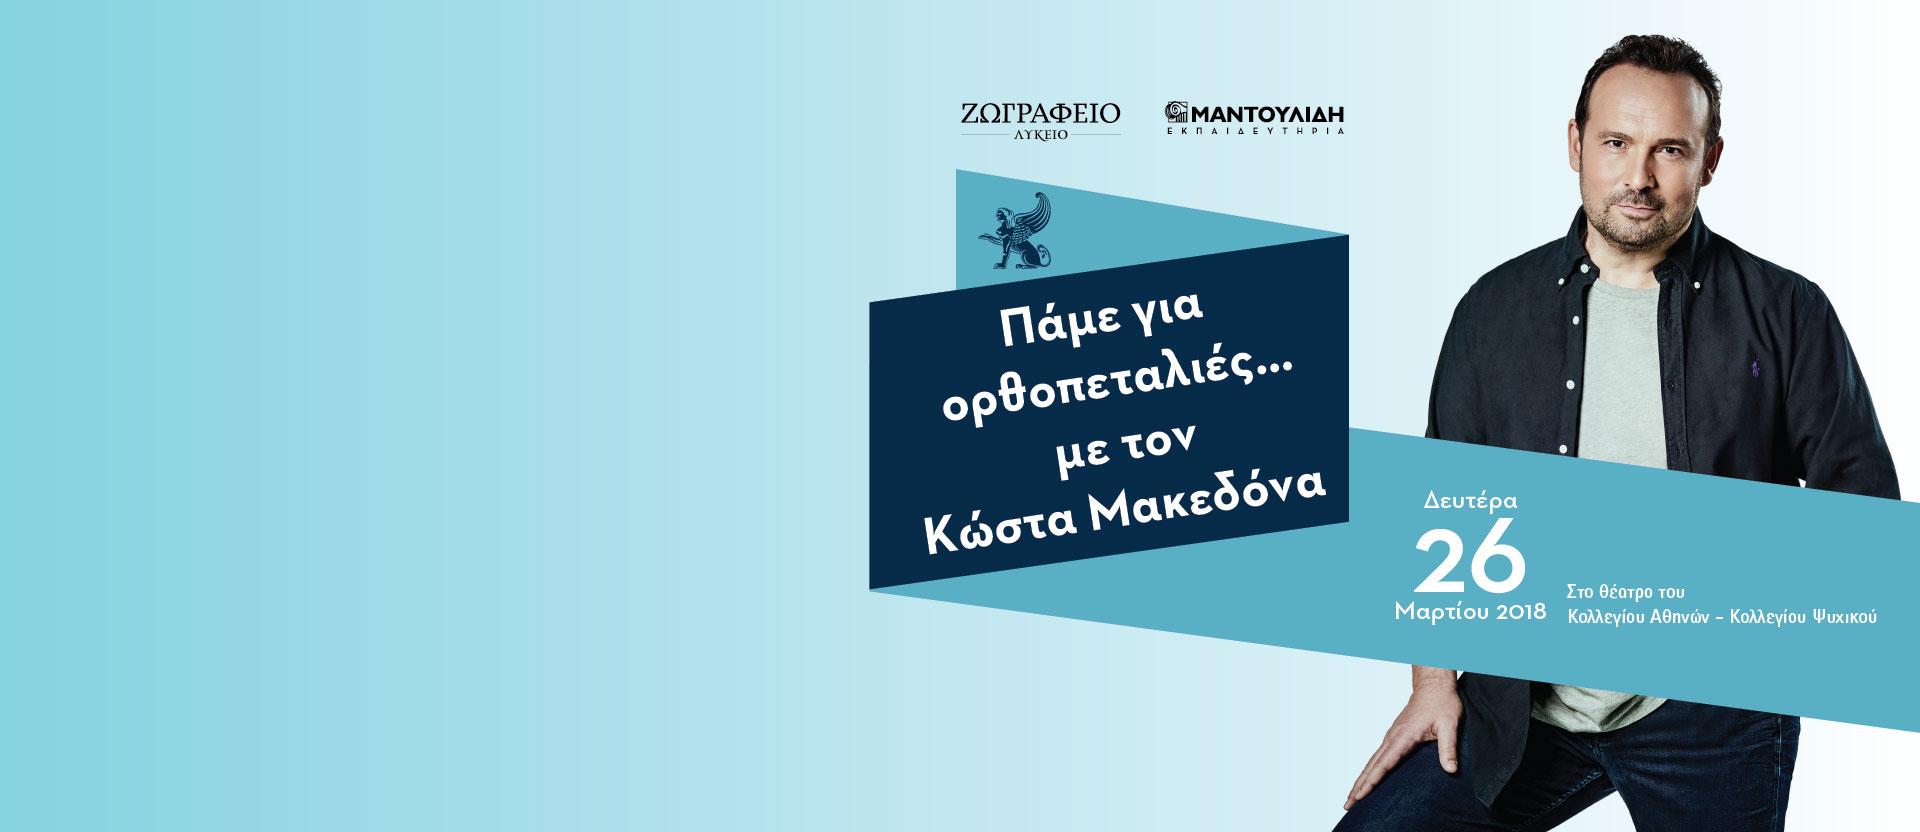 Οι μαθητές τραγουδούν με τον Κώστα Μακεδόνα